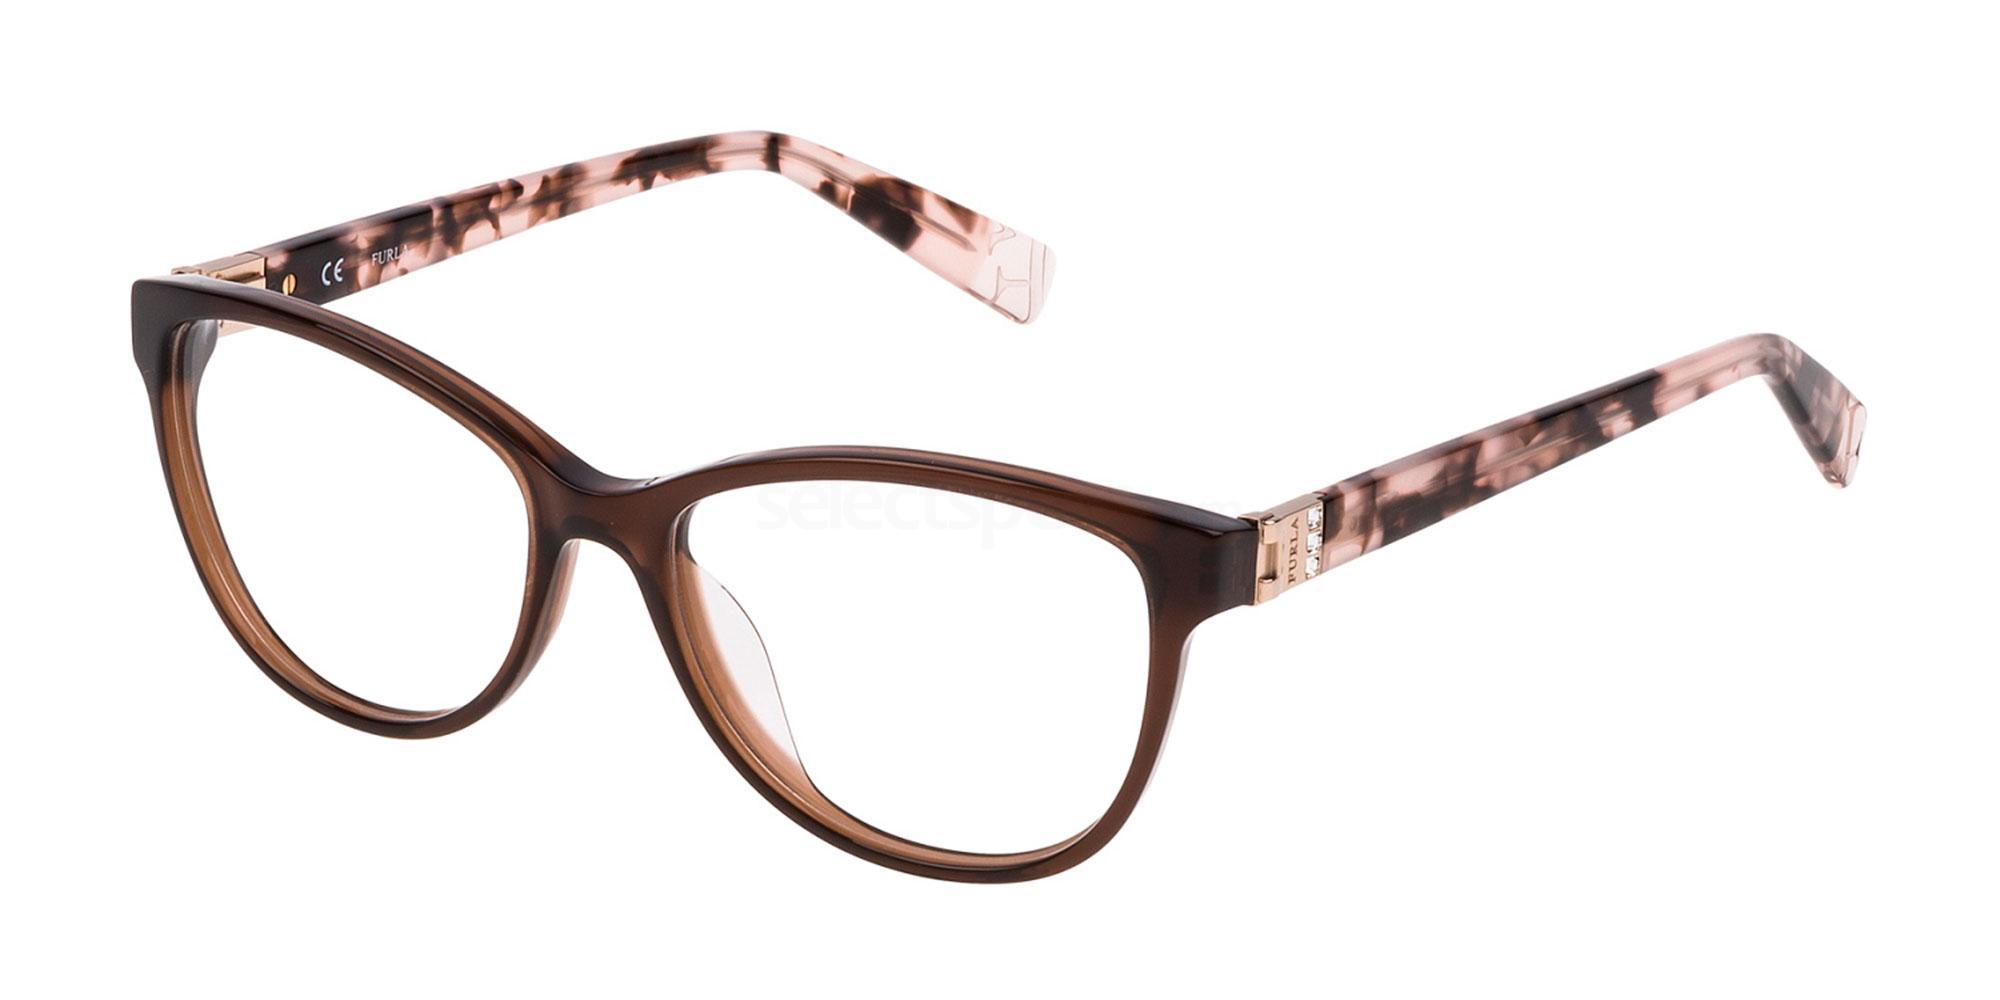 06W8 VFU002S Glasses, Furla